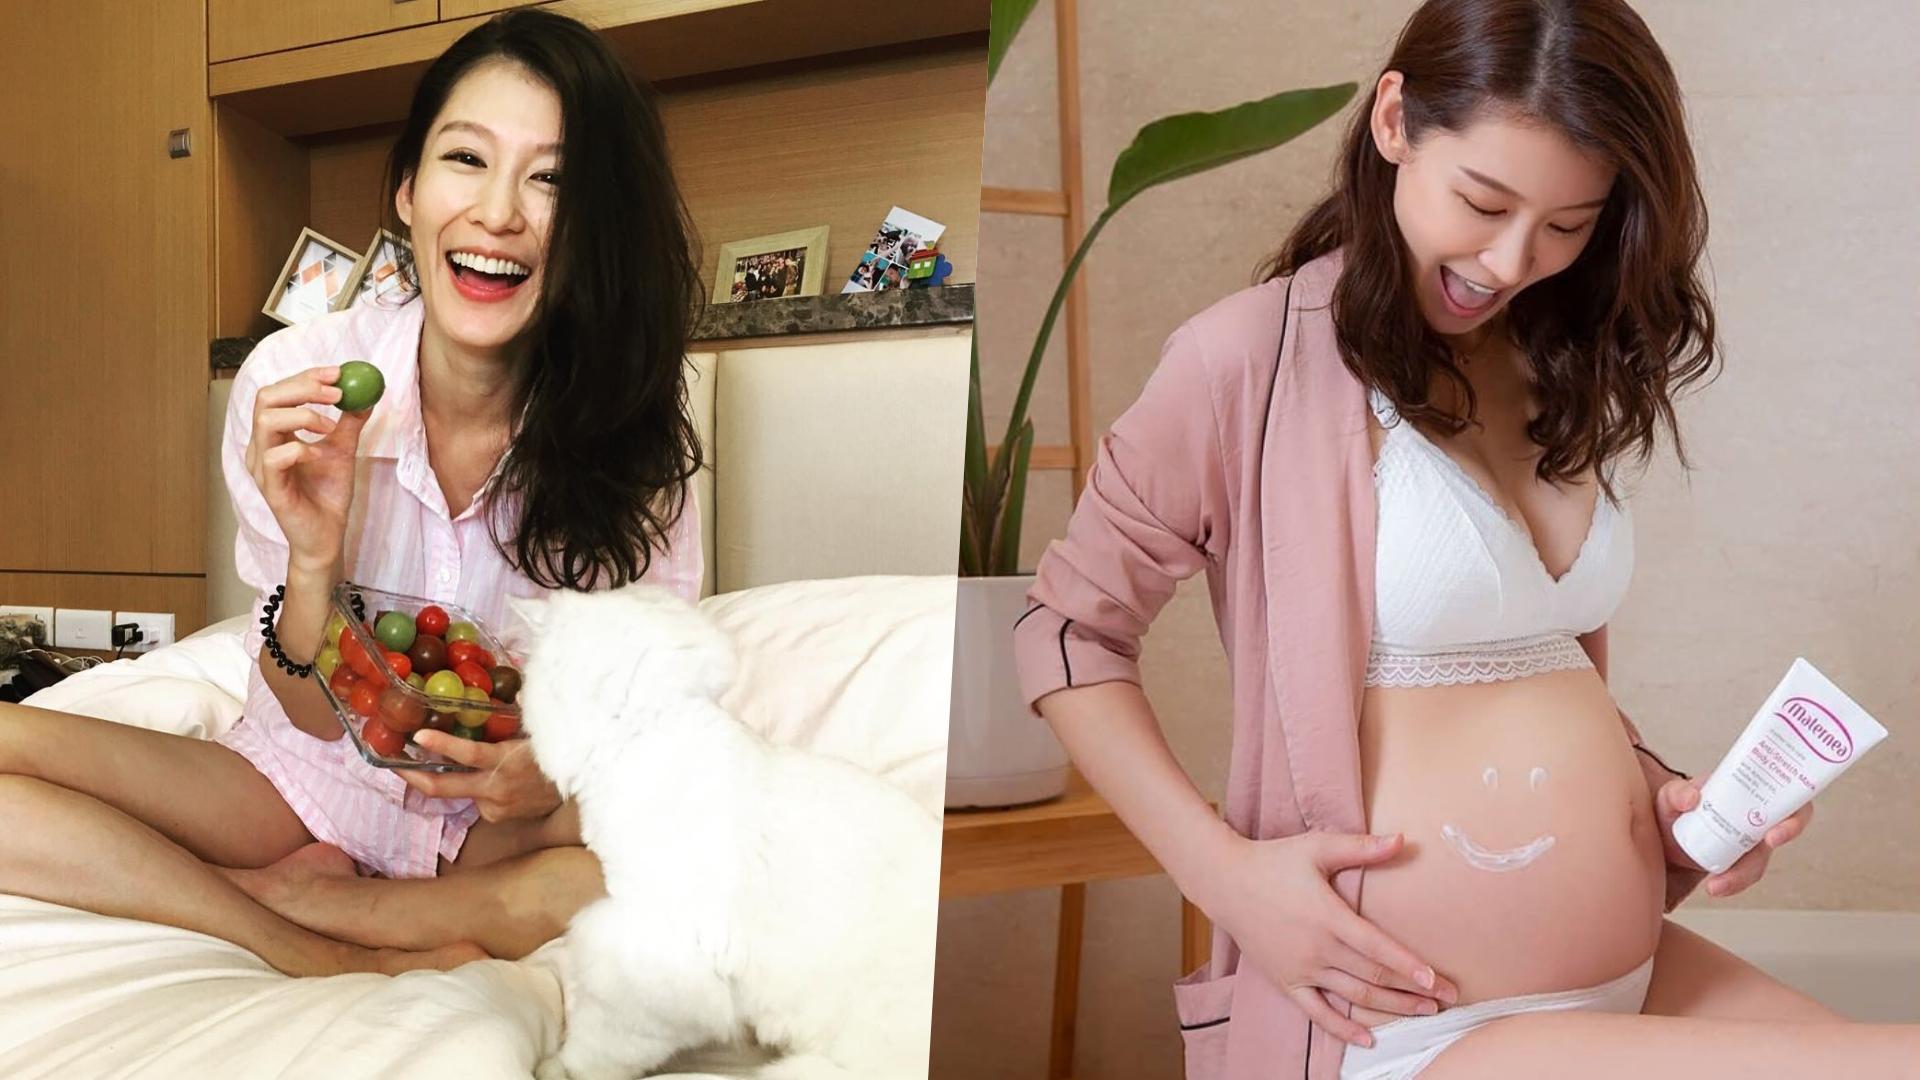 當了媽媽後會開始更加在意塗抹在臉上、身體的保養品。